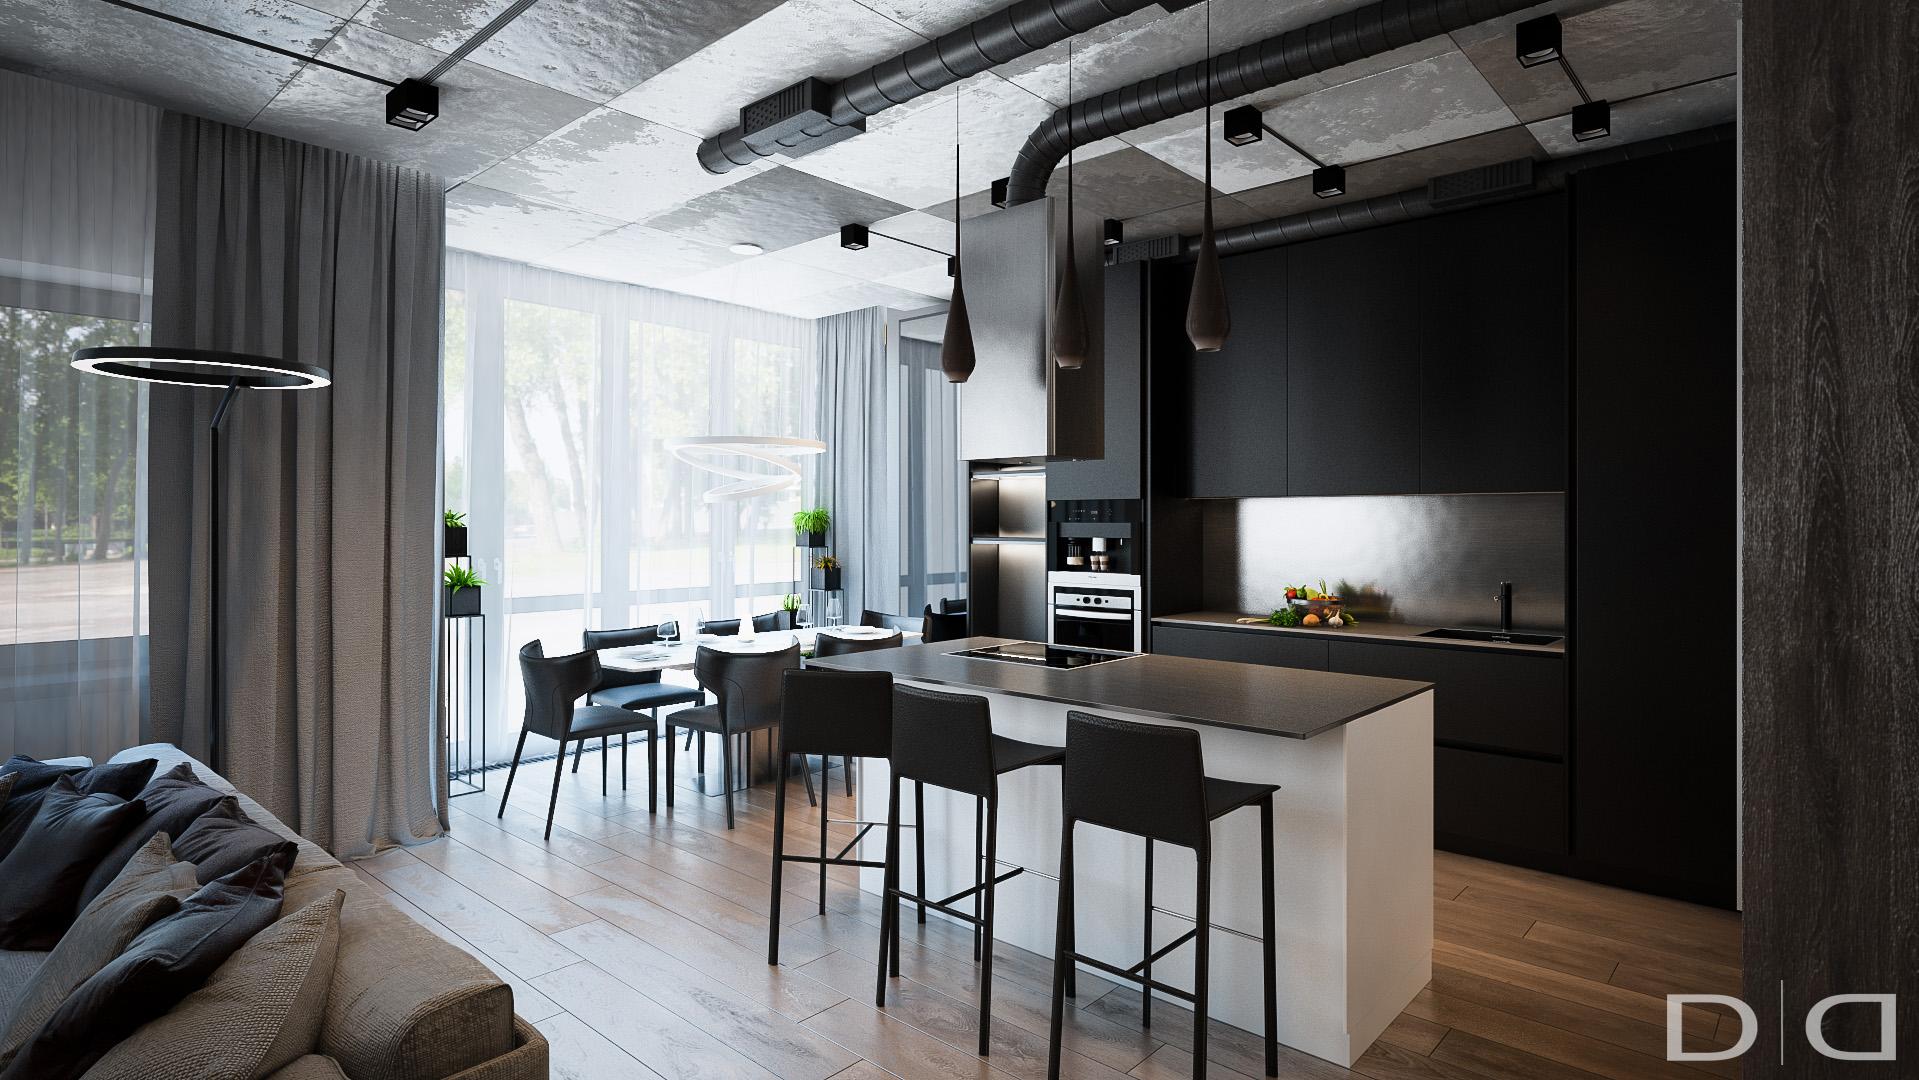 dd-interior_loft_studio_design_kvartir_minsk-0255-12